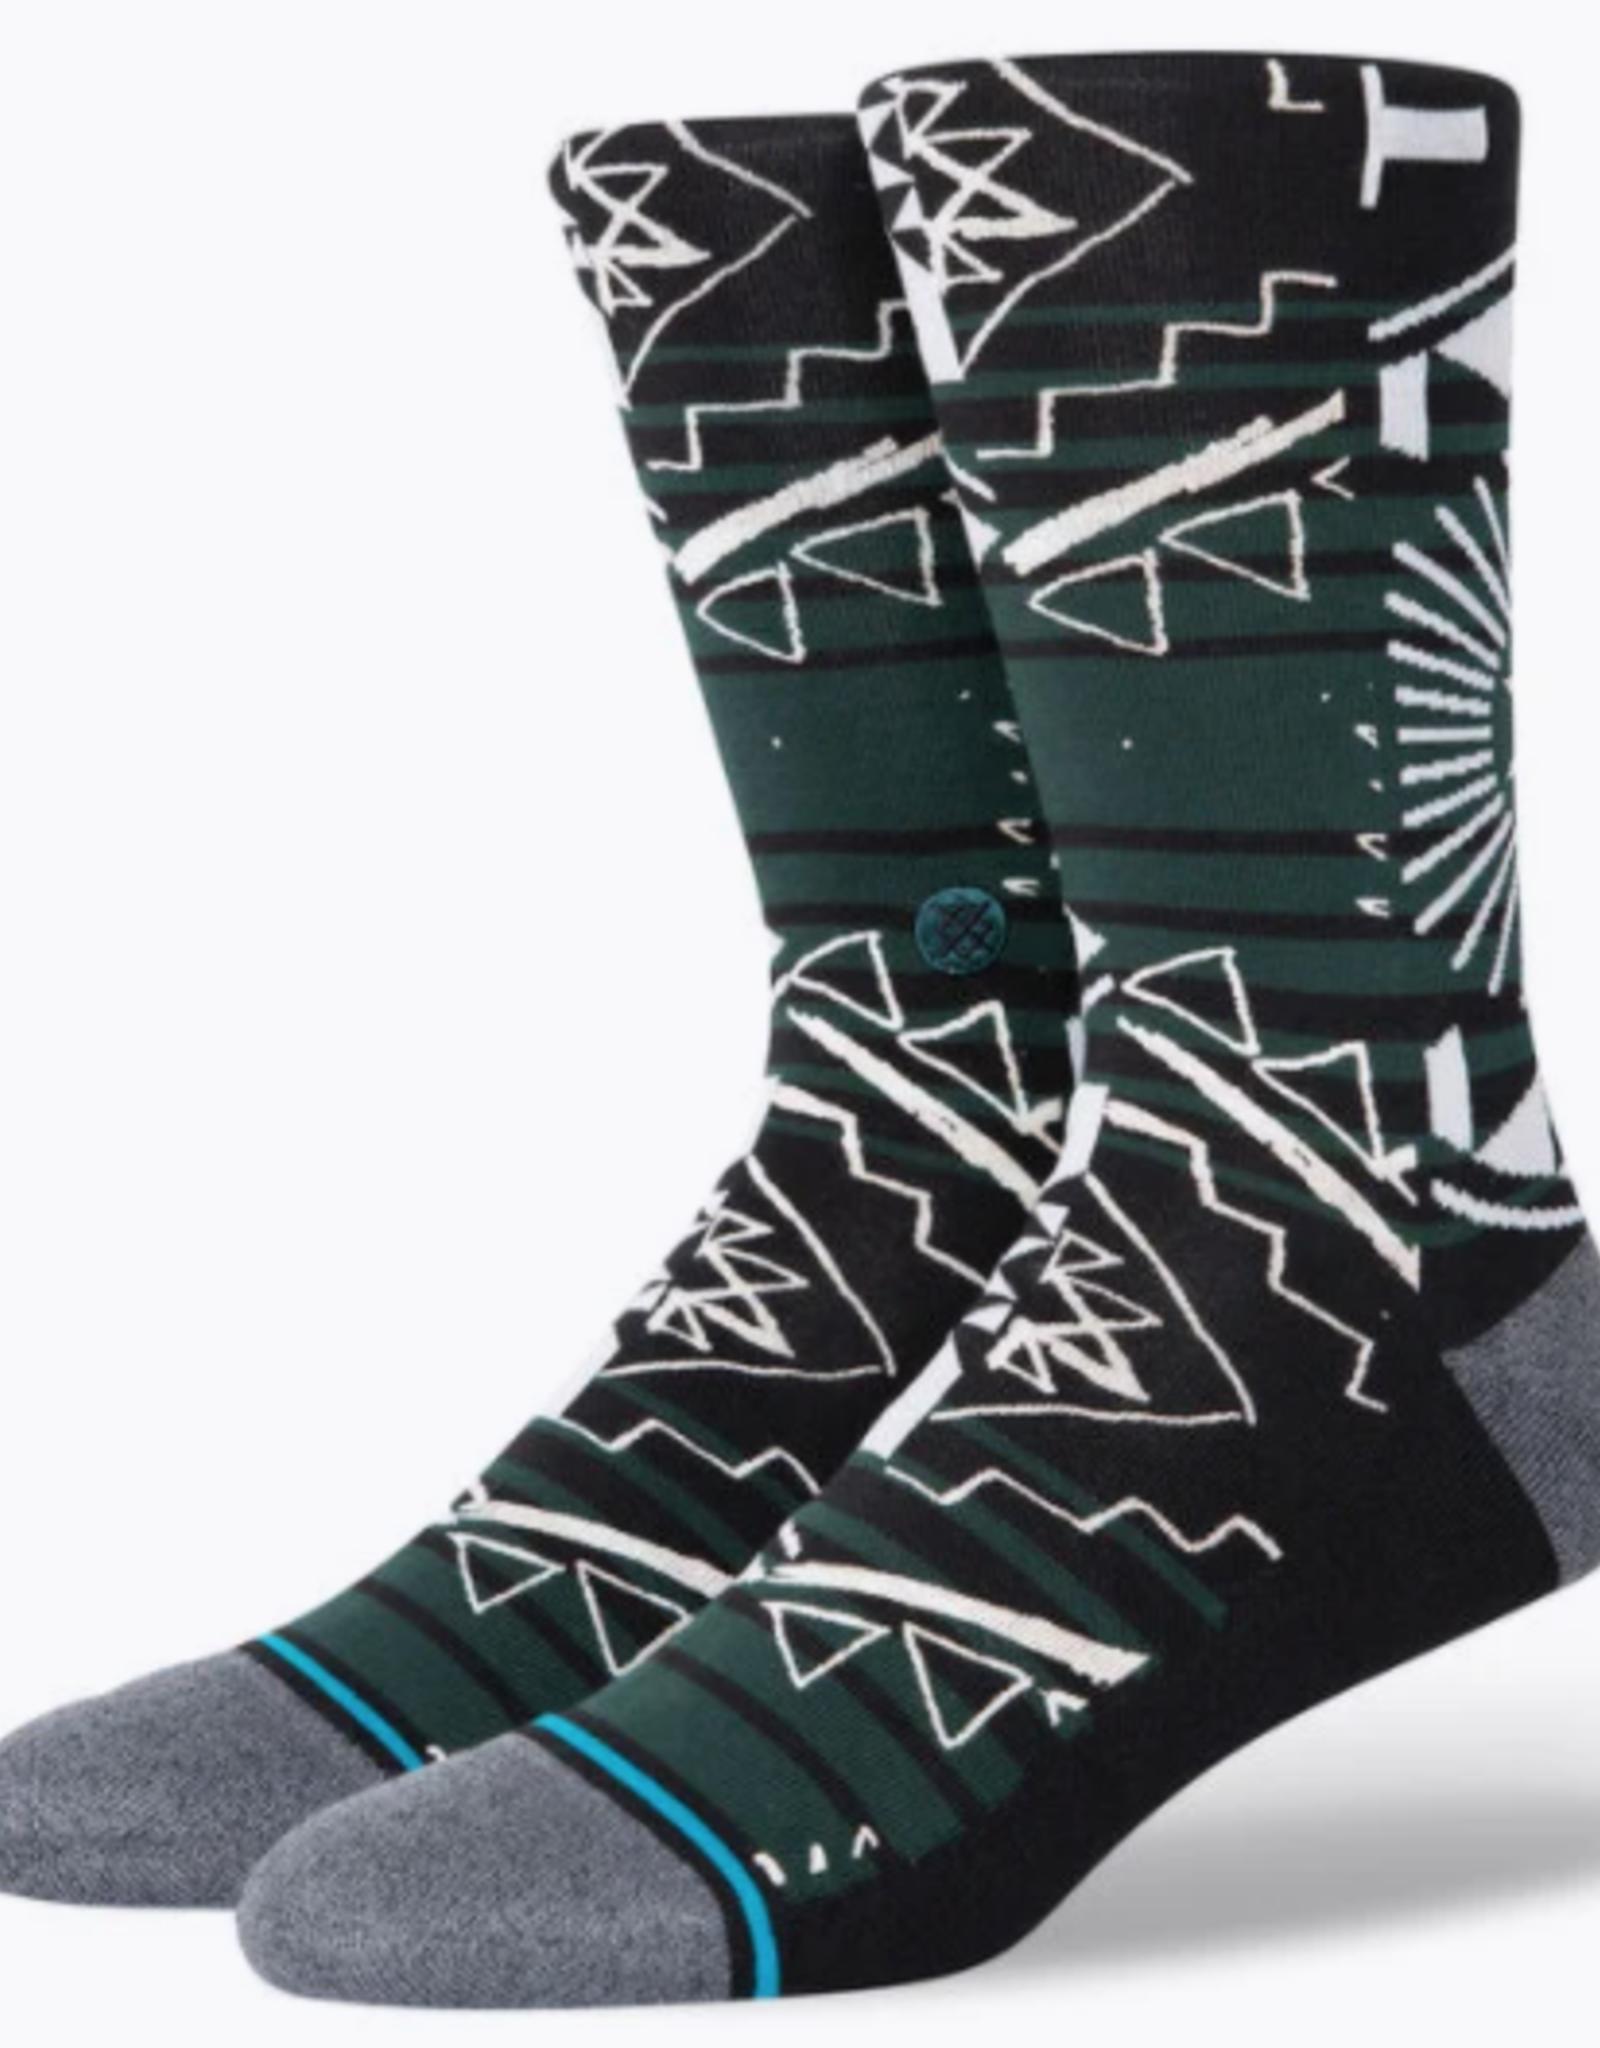 Stance Socks Bakki